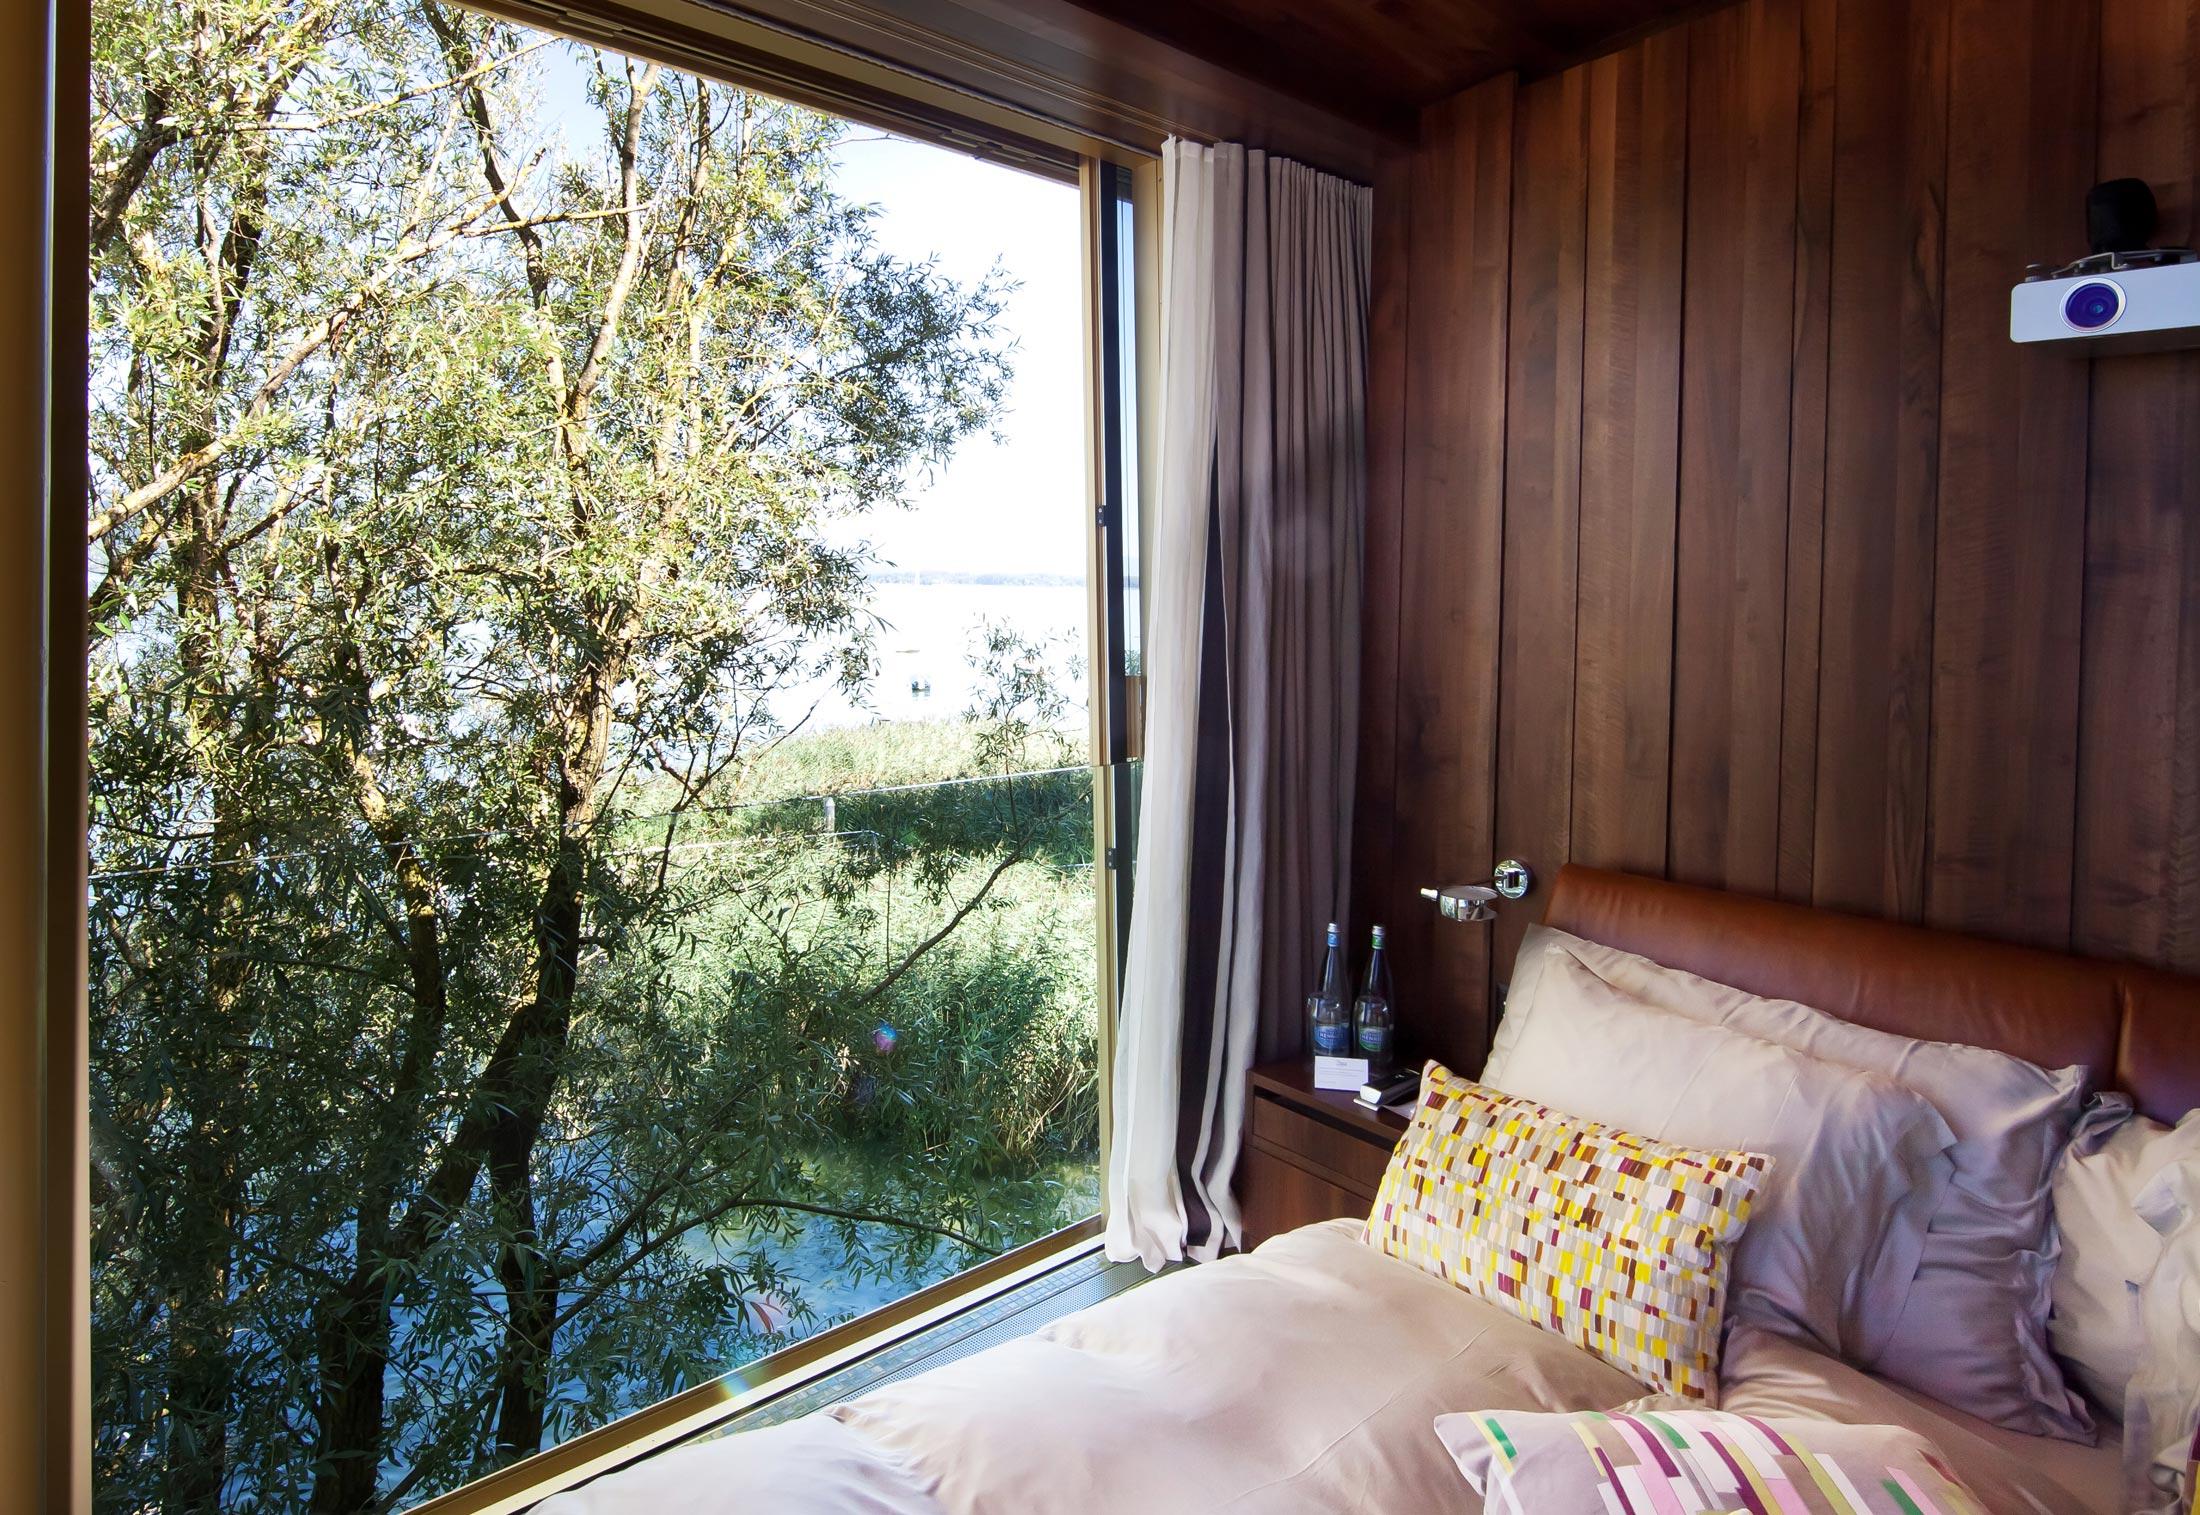 fenster fassadensystem baumhotel von air lux stylepark. Black Bedroom Furniture Sets. Home Design Ideas